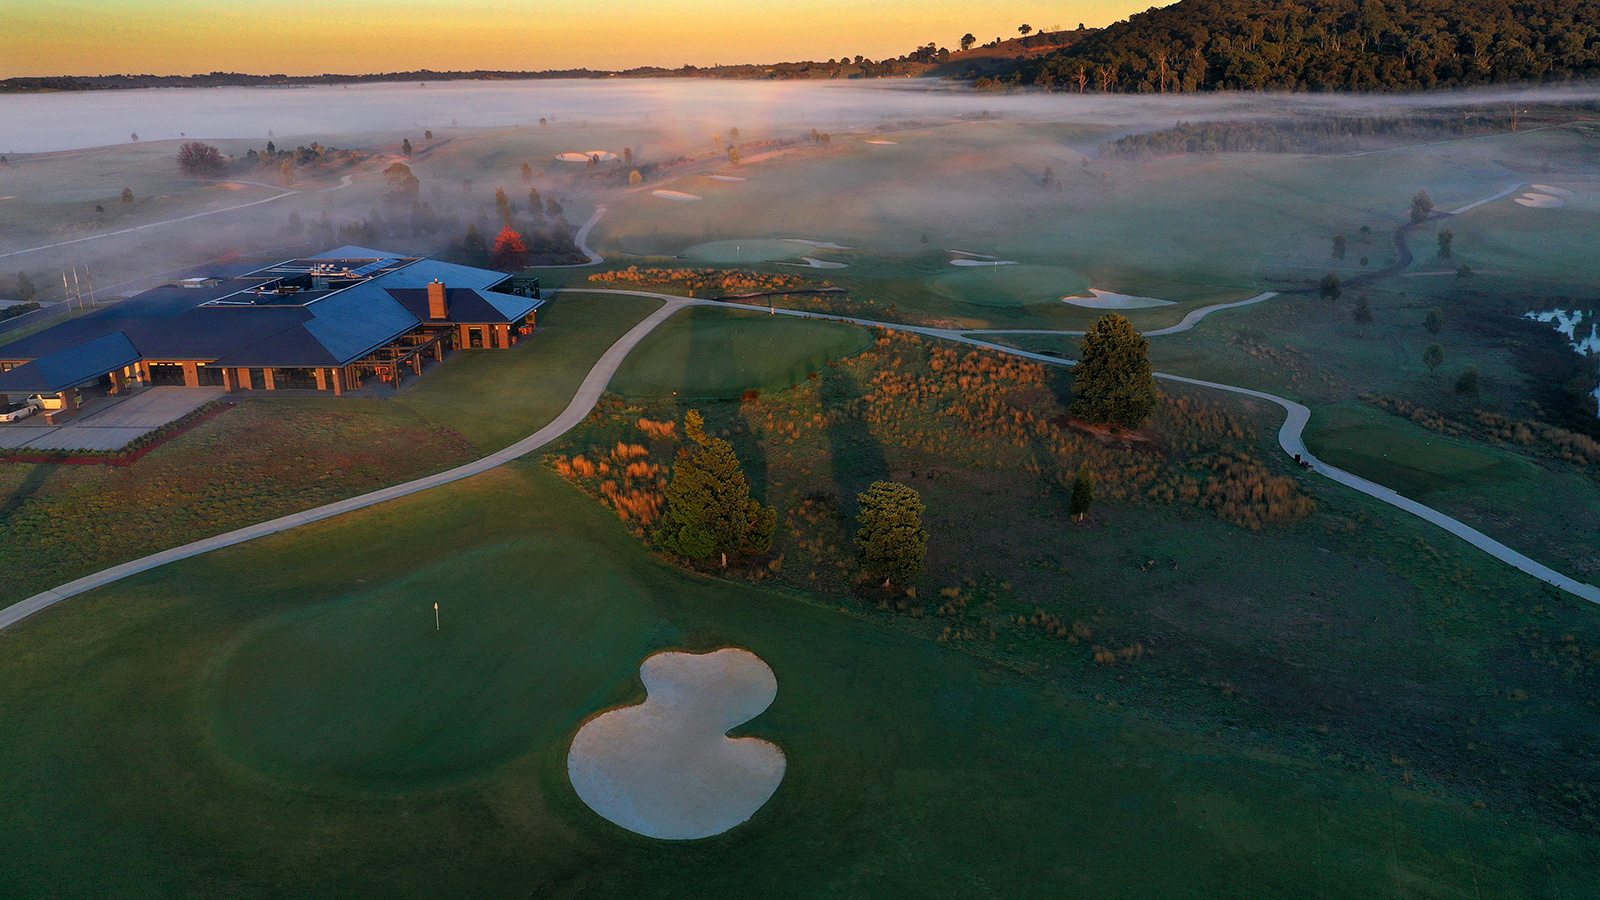 The Eastern Golf Club - Sunrise - 27th Hole